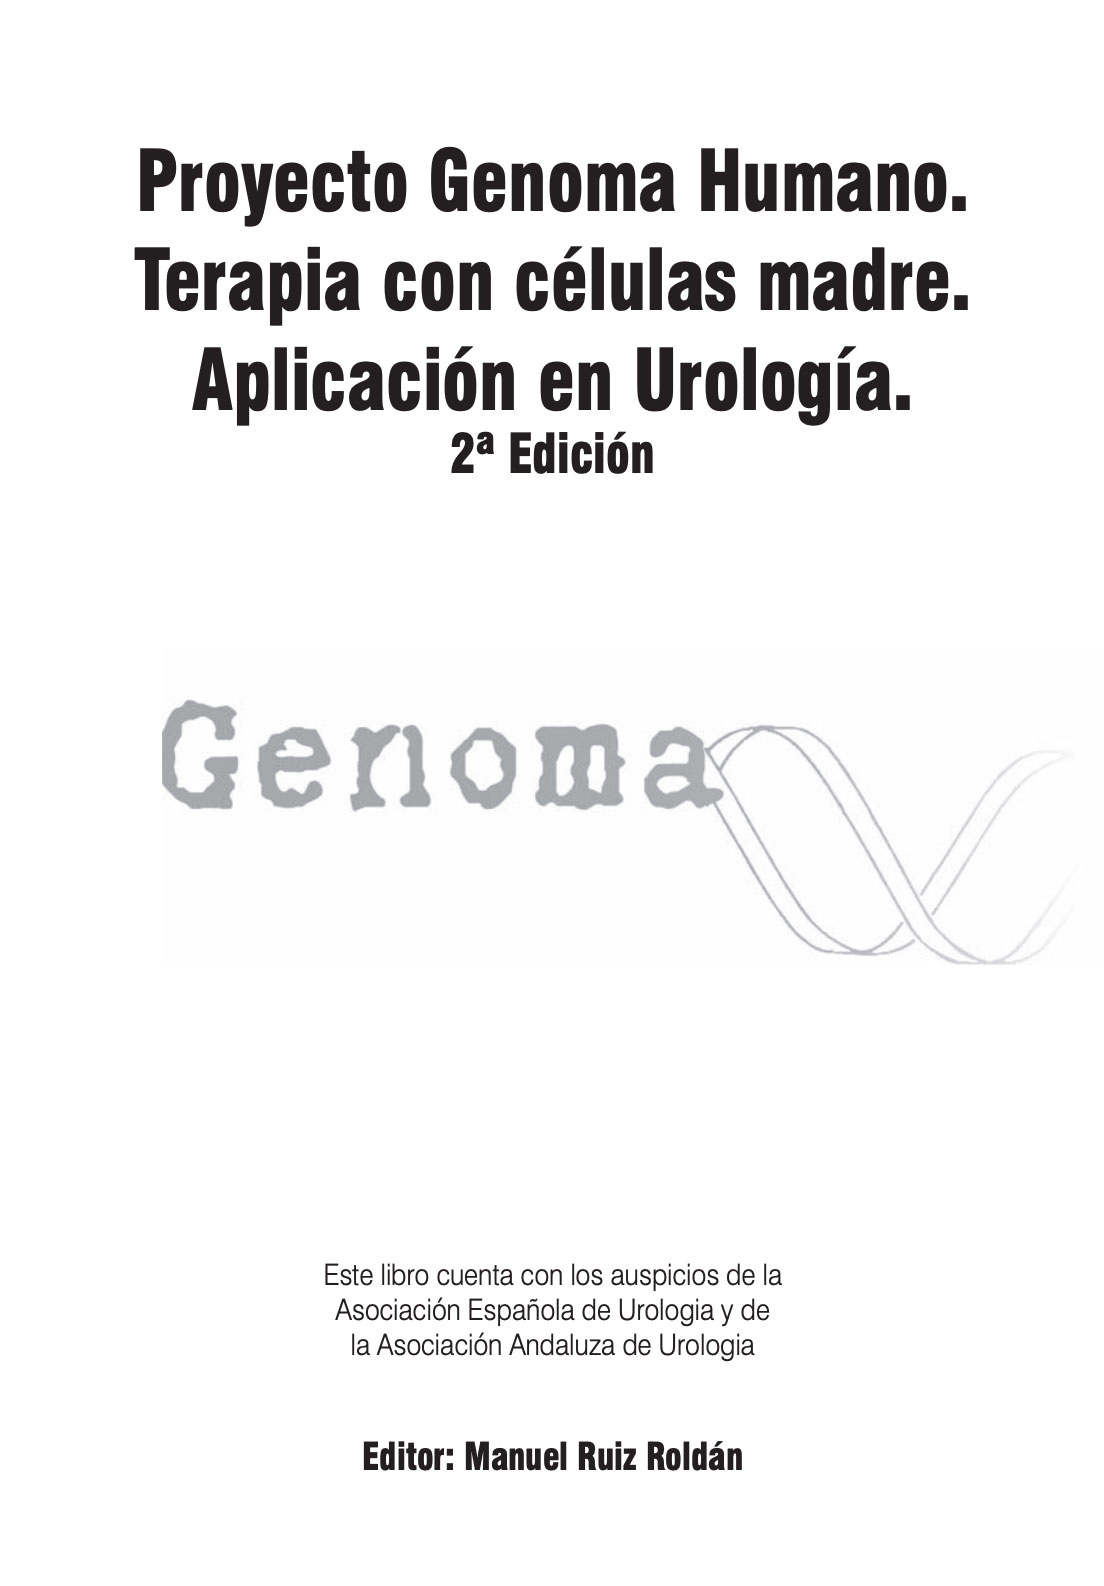 Libro_AAU_Proyecto_Genoma_Humano_2a_edicion_2016